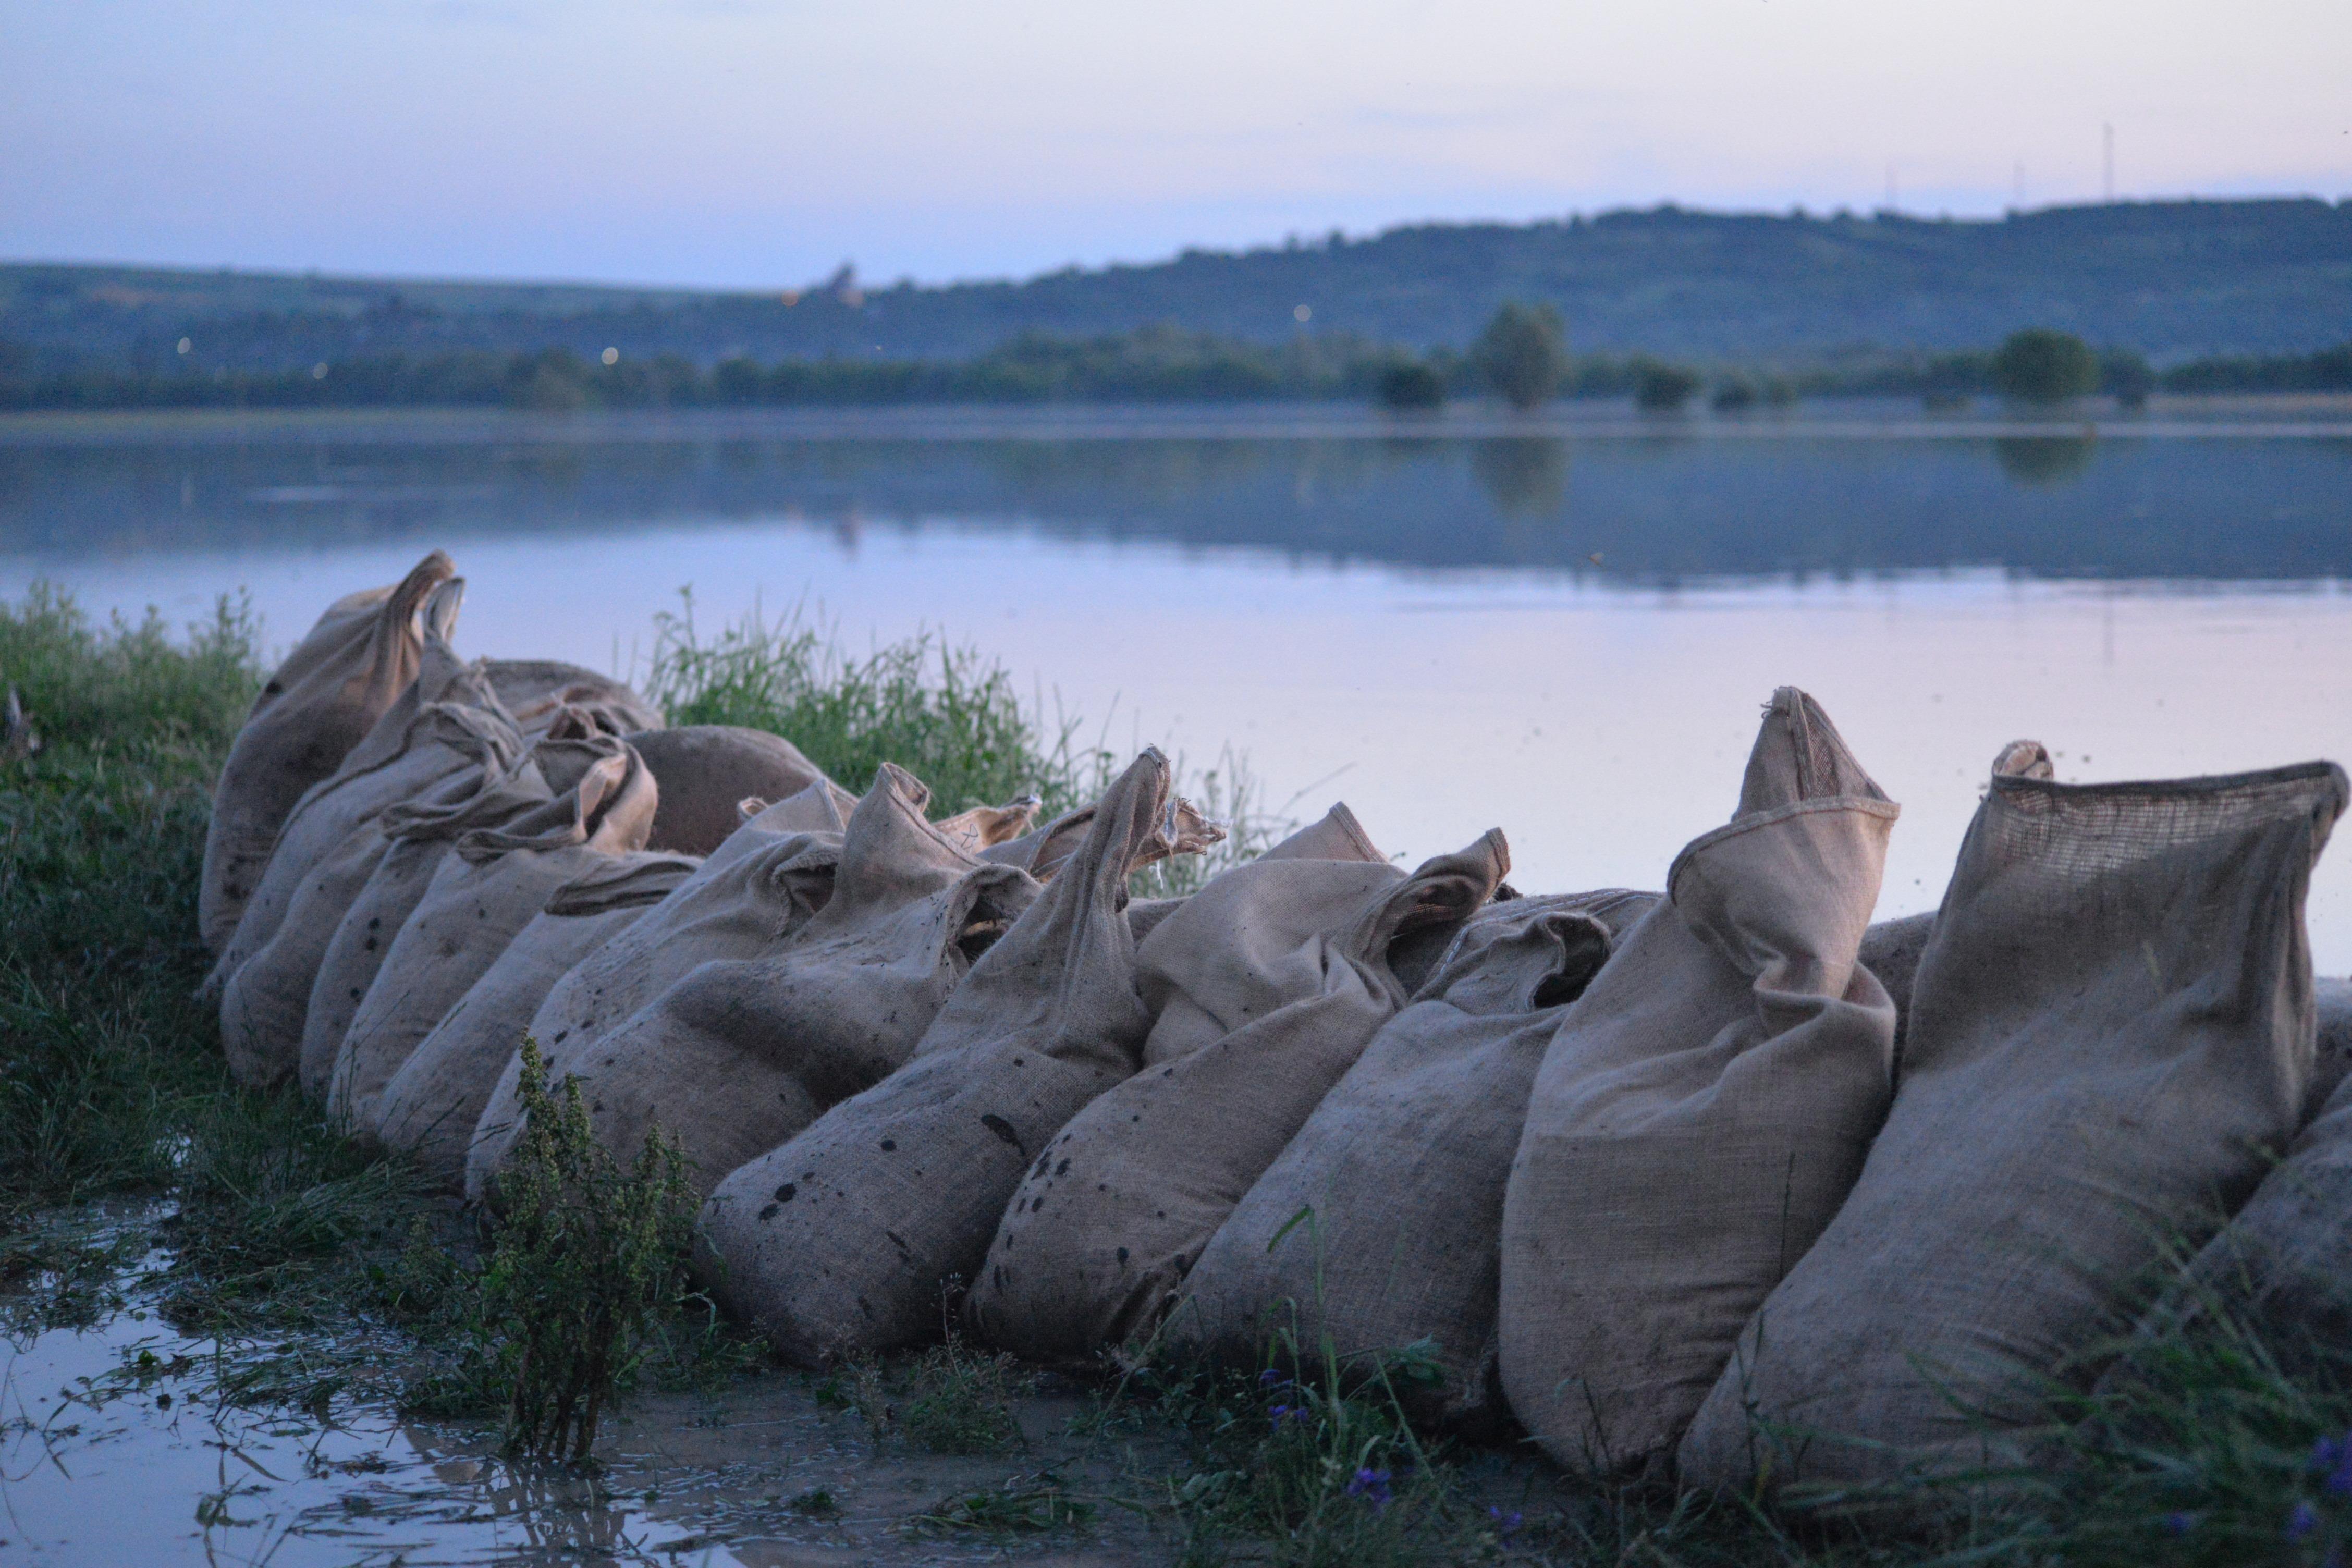 AVERTIZARE hidrologică. Cod portocaliu de inundaţii pe râuri din 18 judeţe